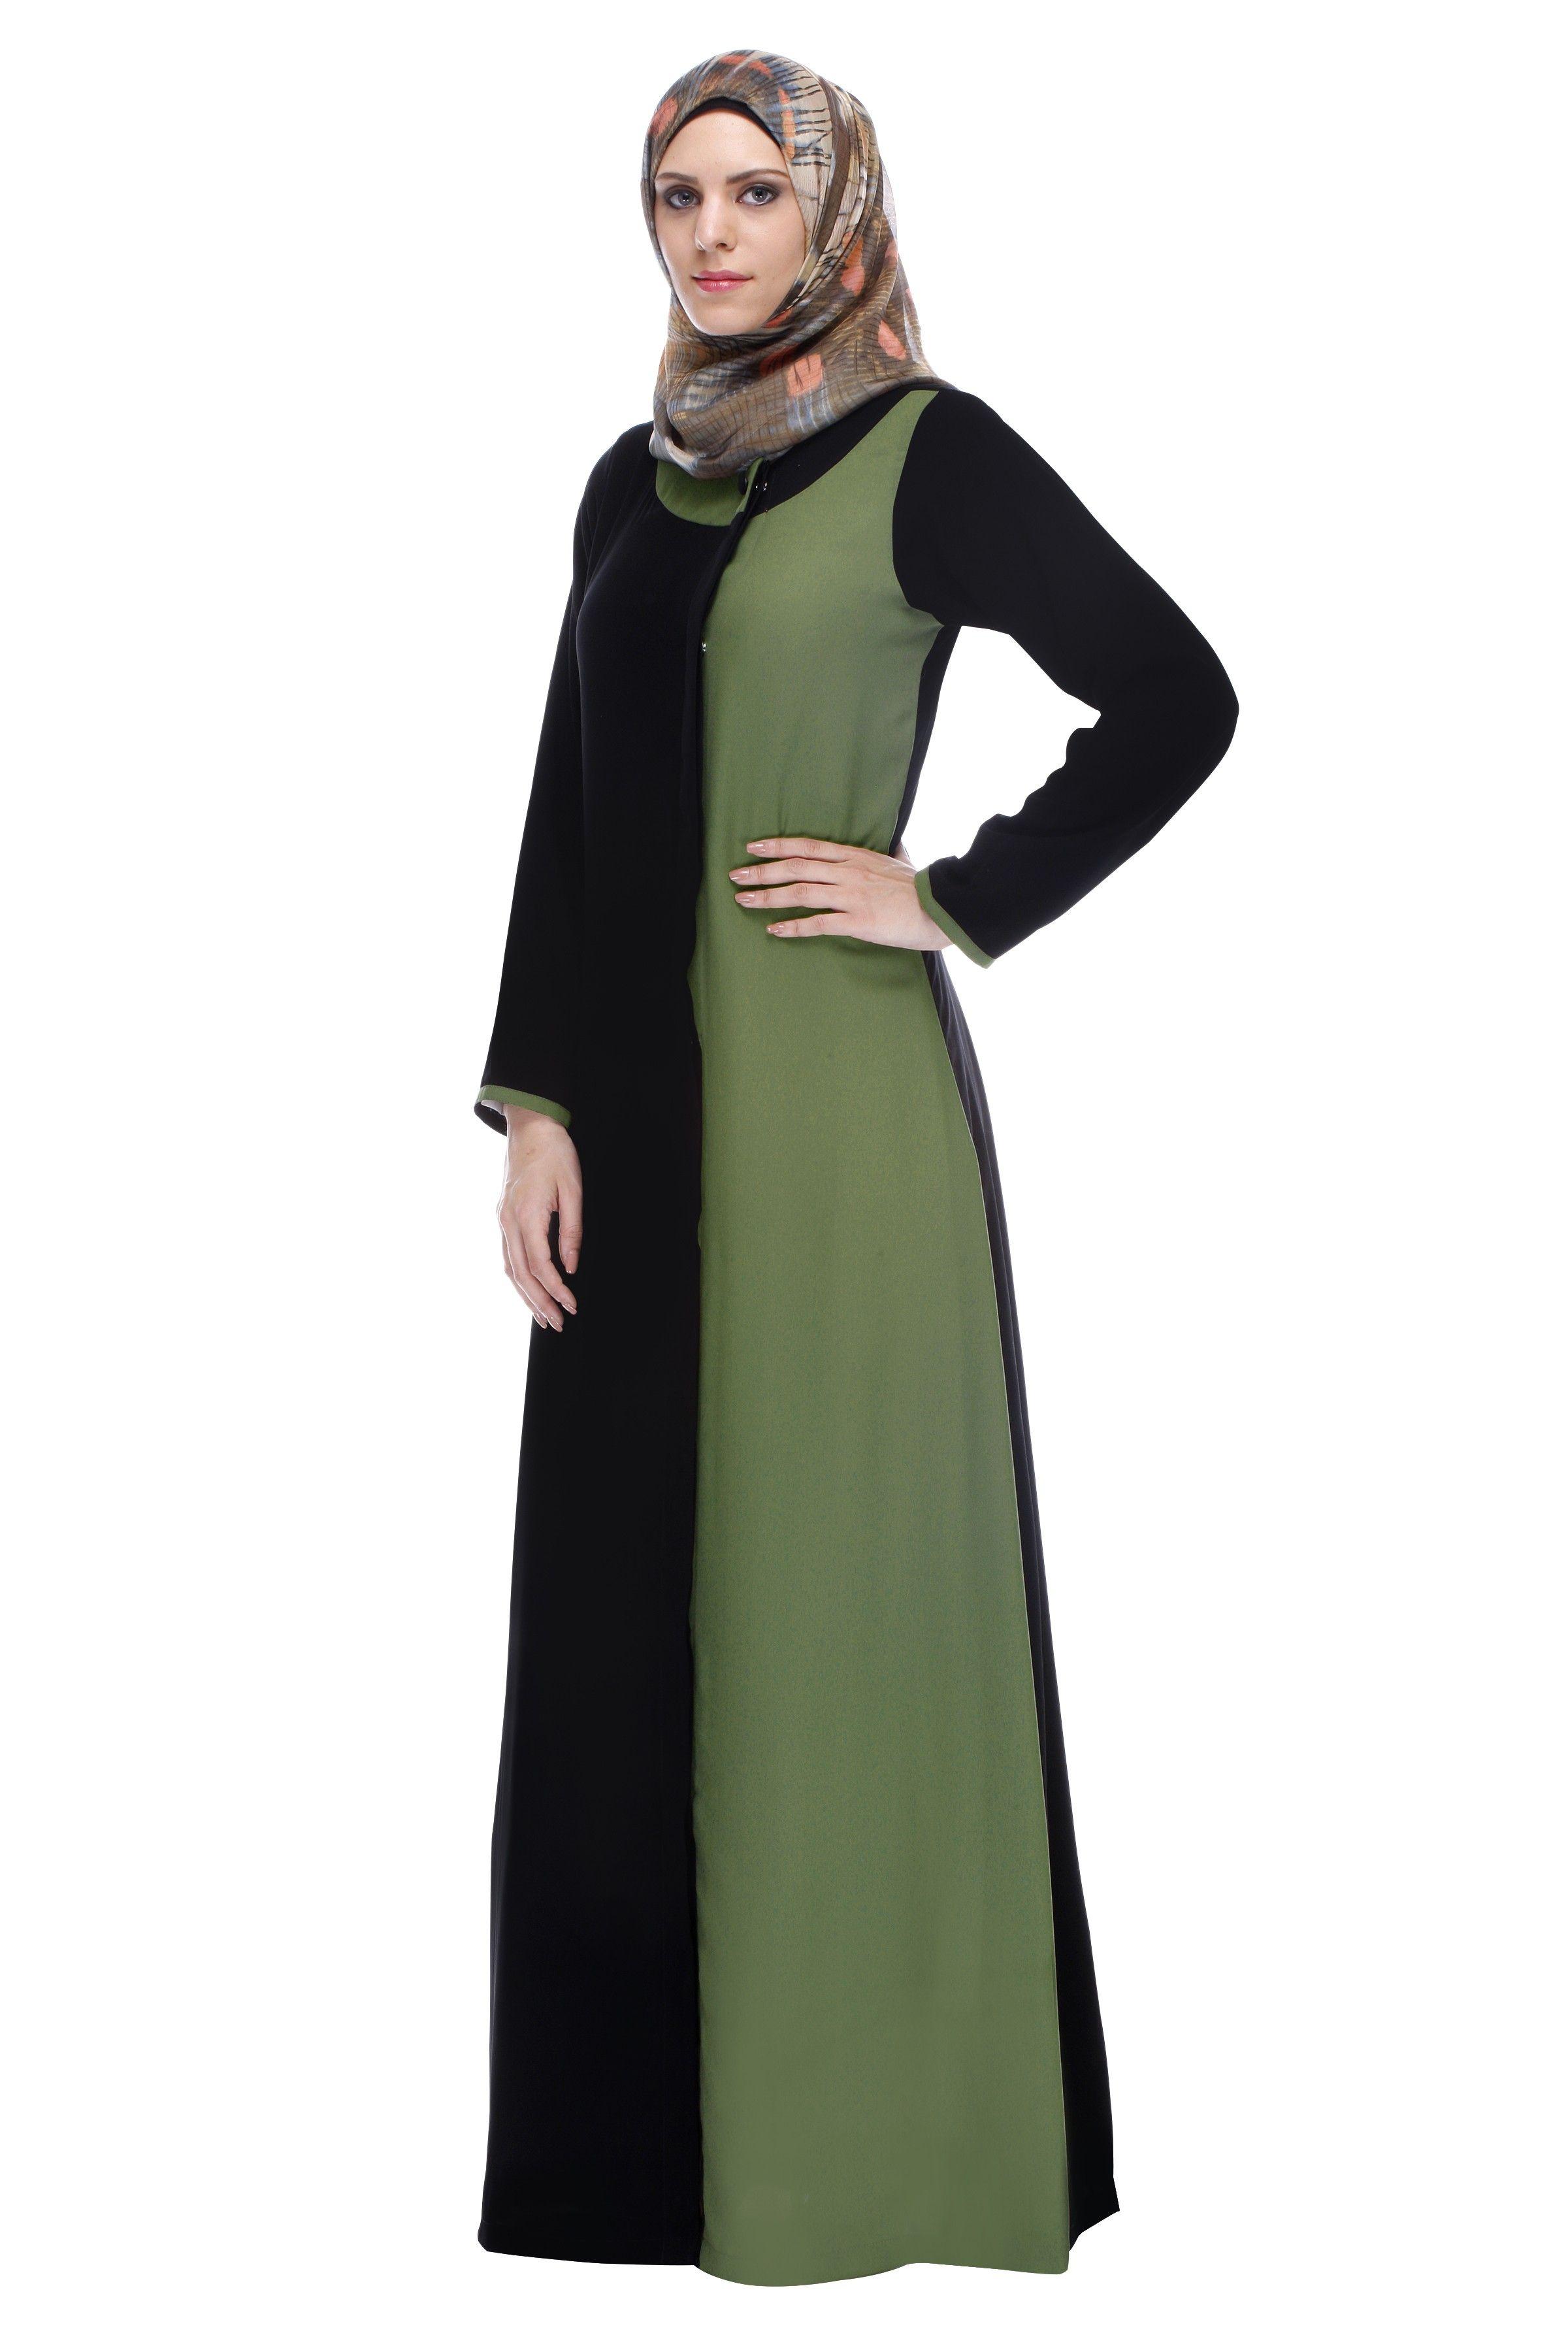 Black Abaya With Green Panel  Black abaya, Abayas fashion, Fashion